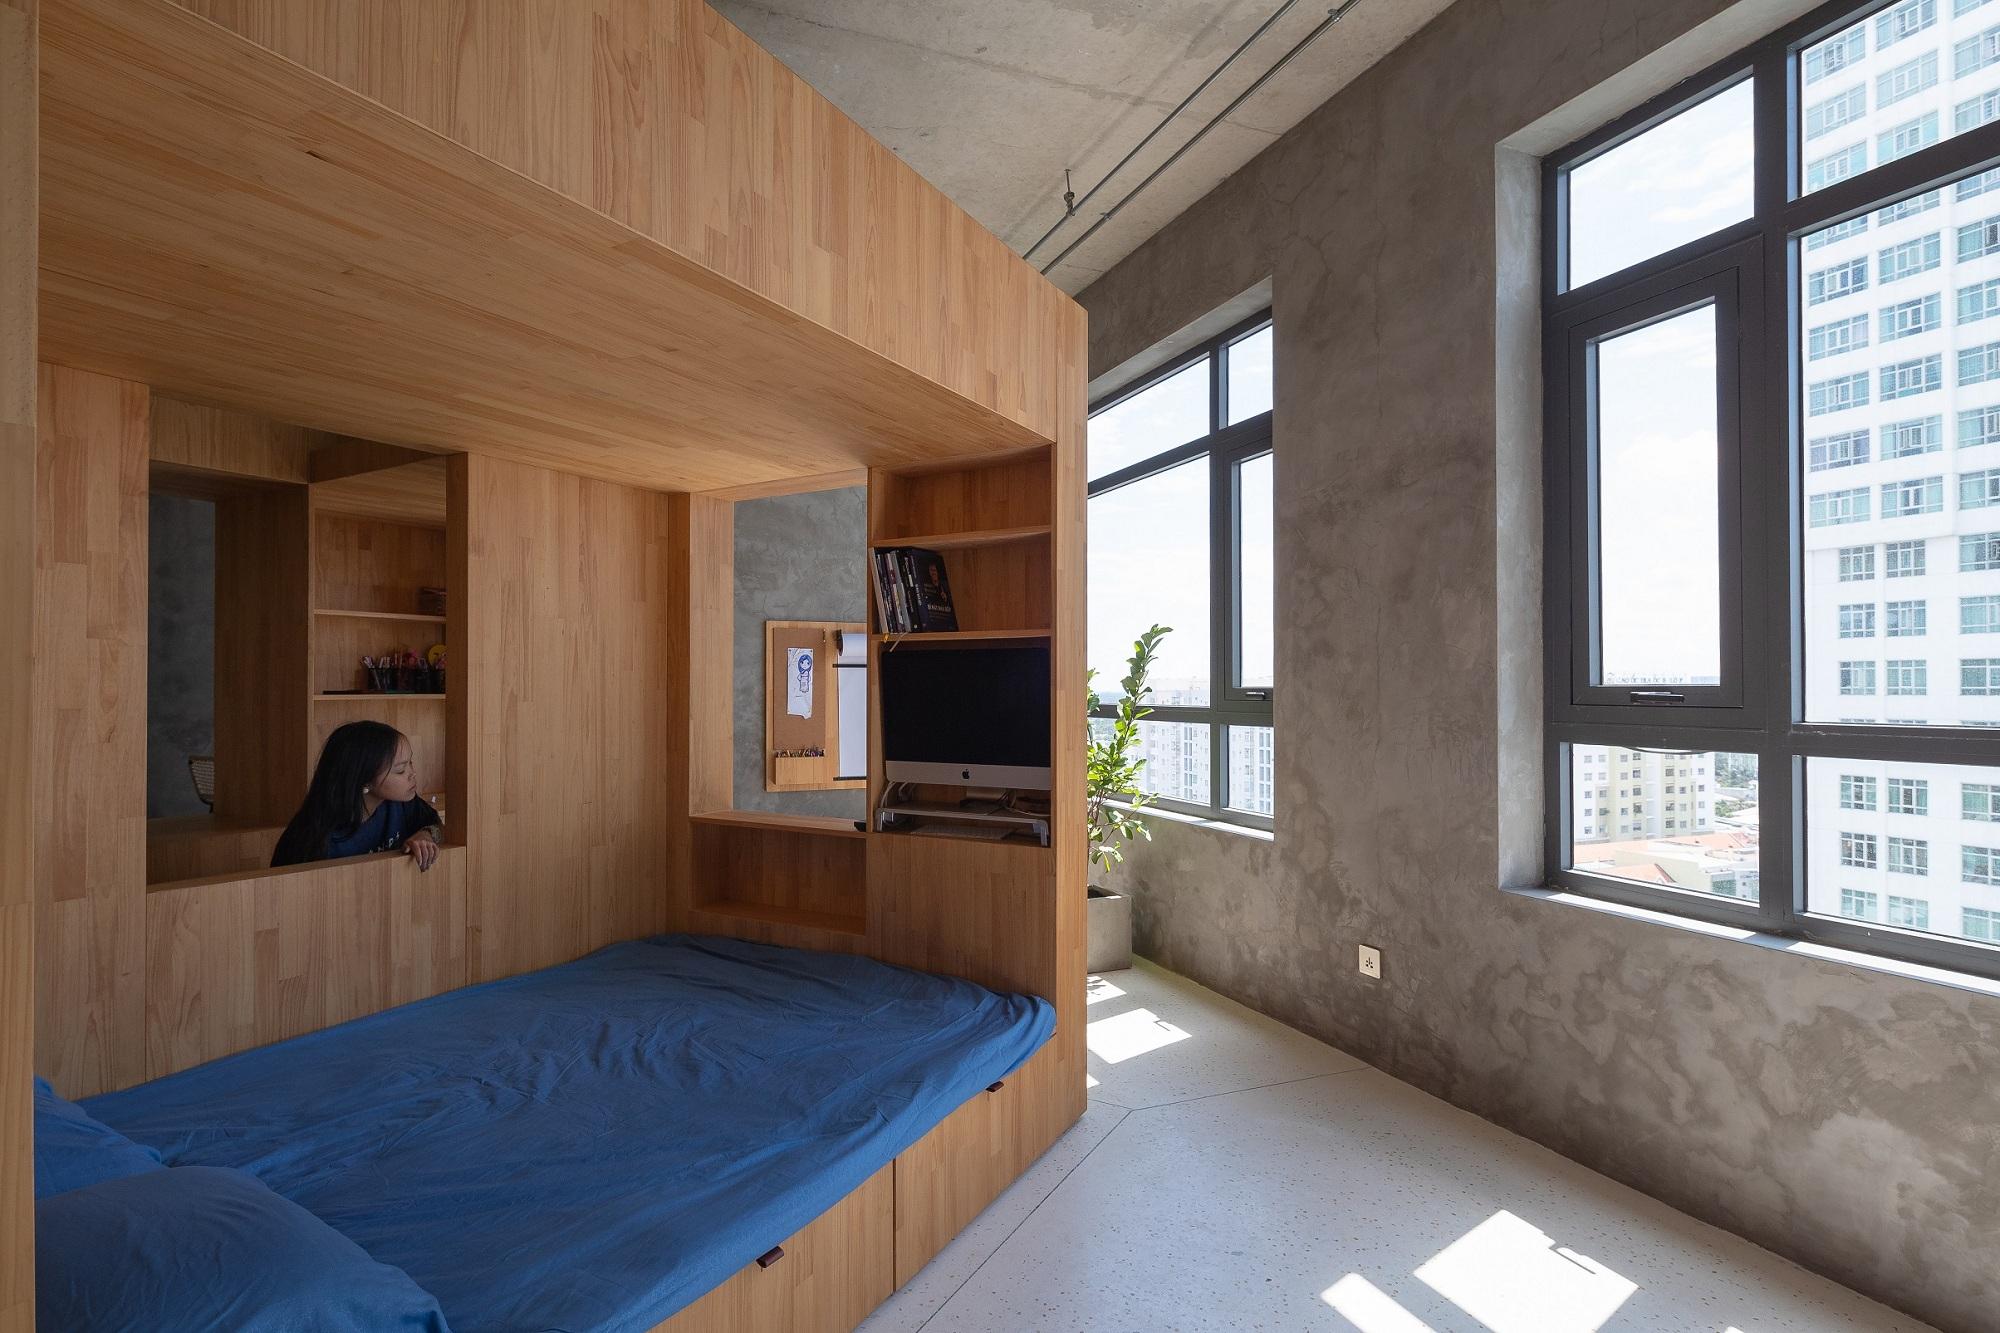 Khối hộp gỗ được bố trí giường, tủ kệ